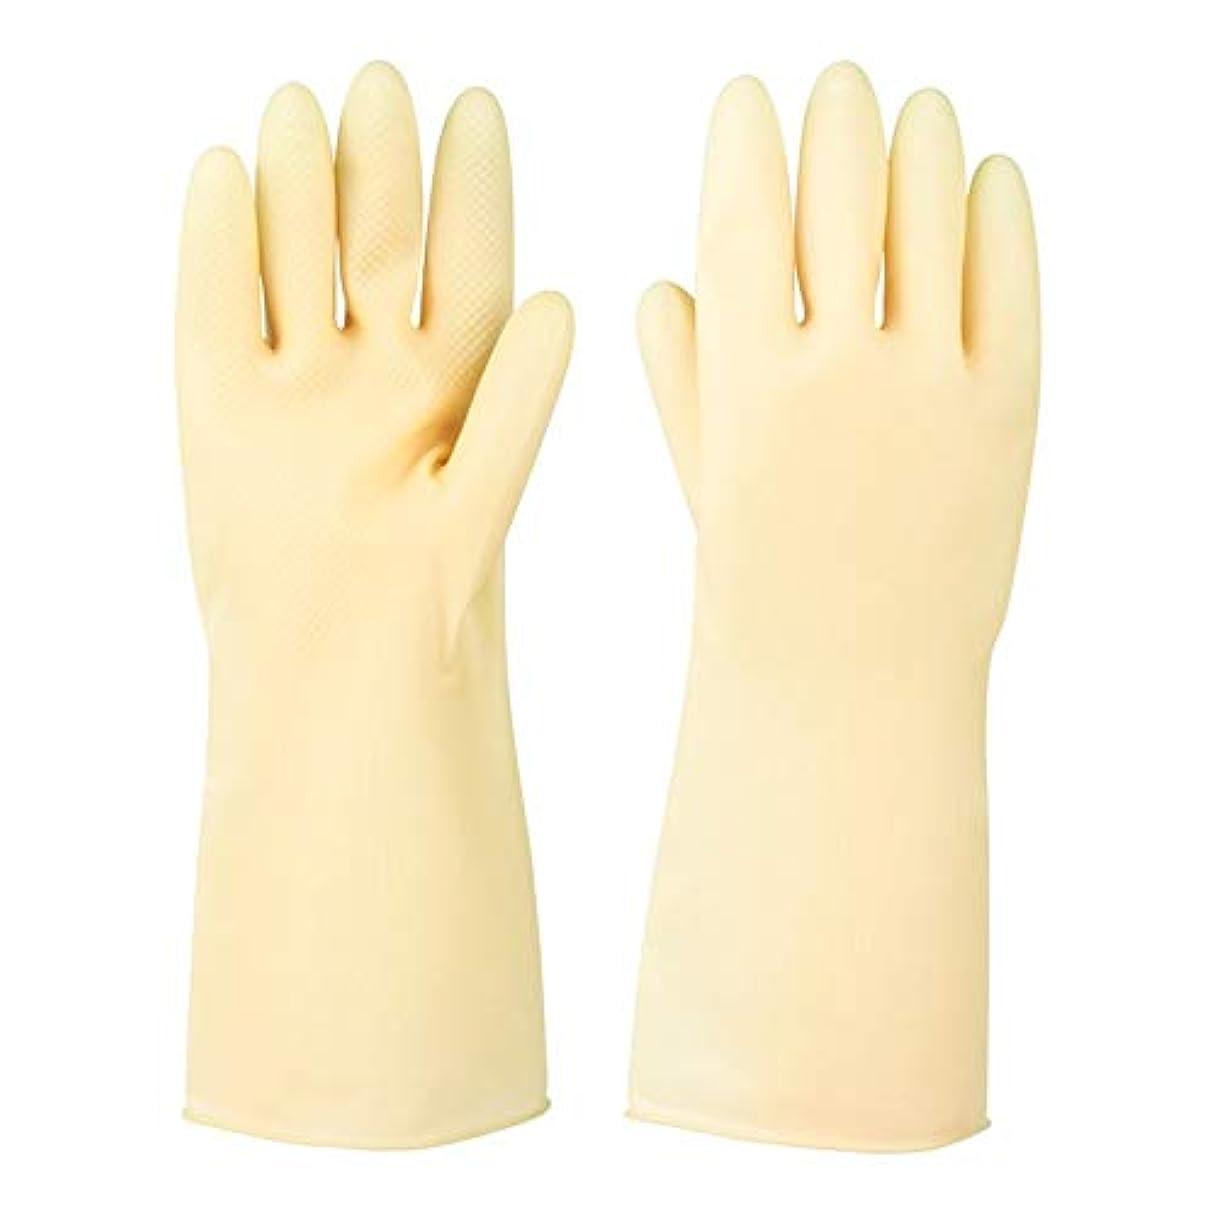 考古学的な激しい顎ニトリルゴム手袋 ラバーレザーグローブ厚めの滑り止め耐摩耗性防水保護手袋、5ペア 使い捨て手袋 (Color : 5 pair, Size : S)